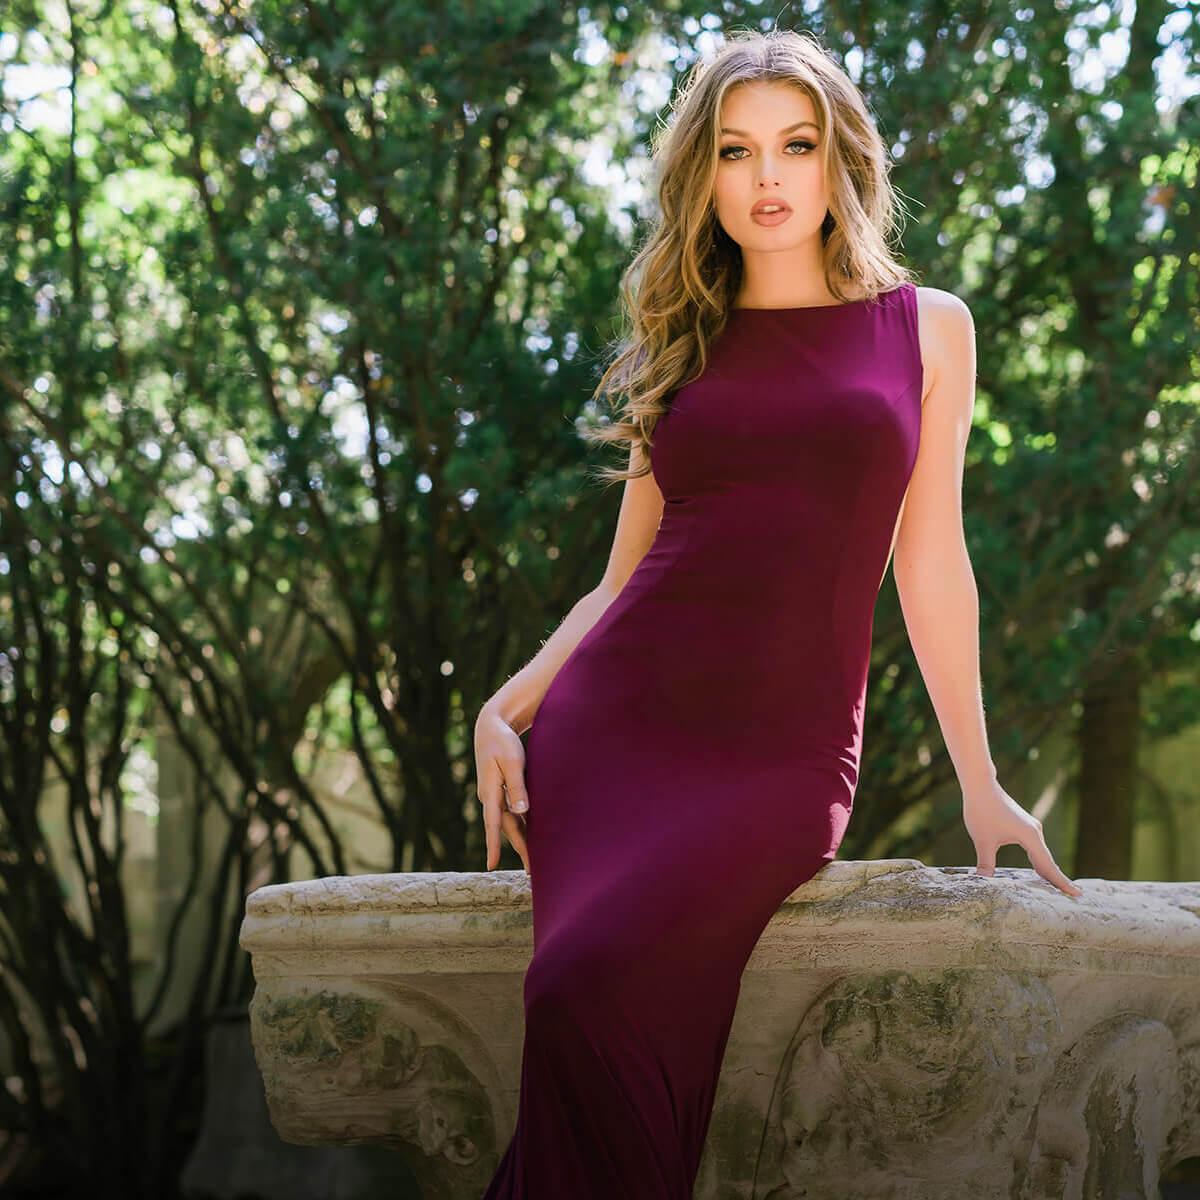 f9e39dade3937cb Коллекции вечерних платьев Посмотреть · Выпускные платья от салона Dress Me  в Киеве